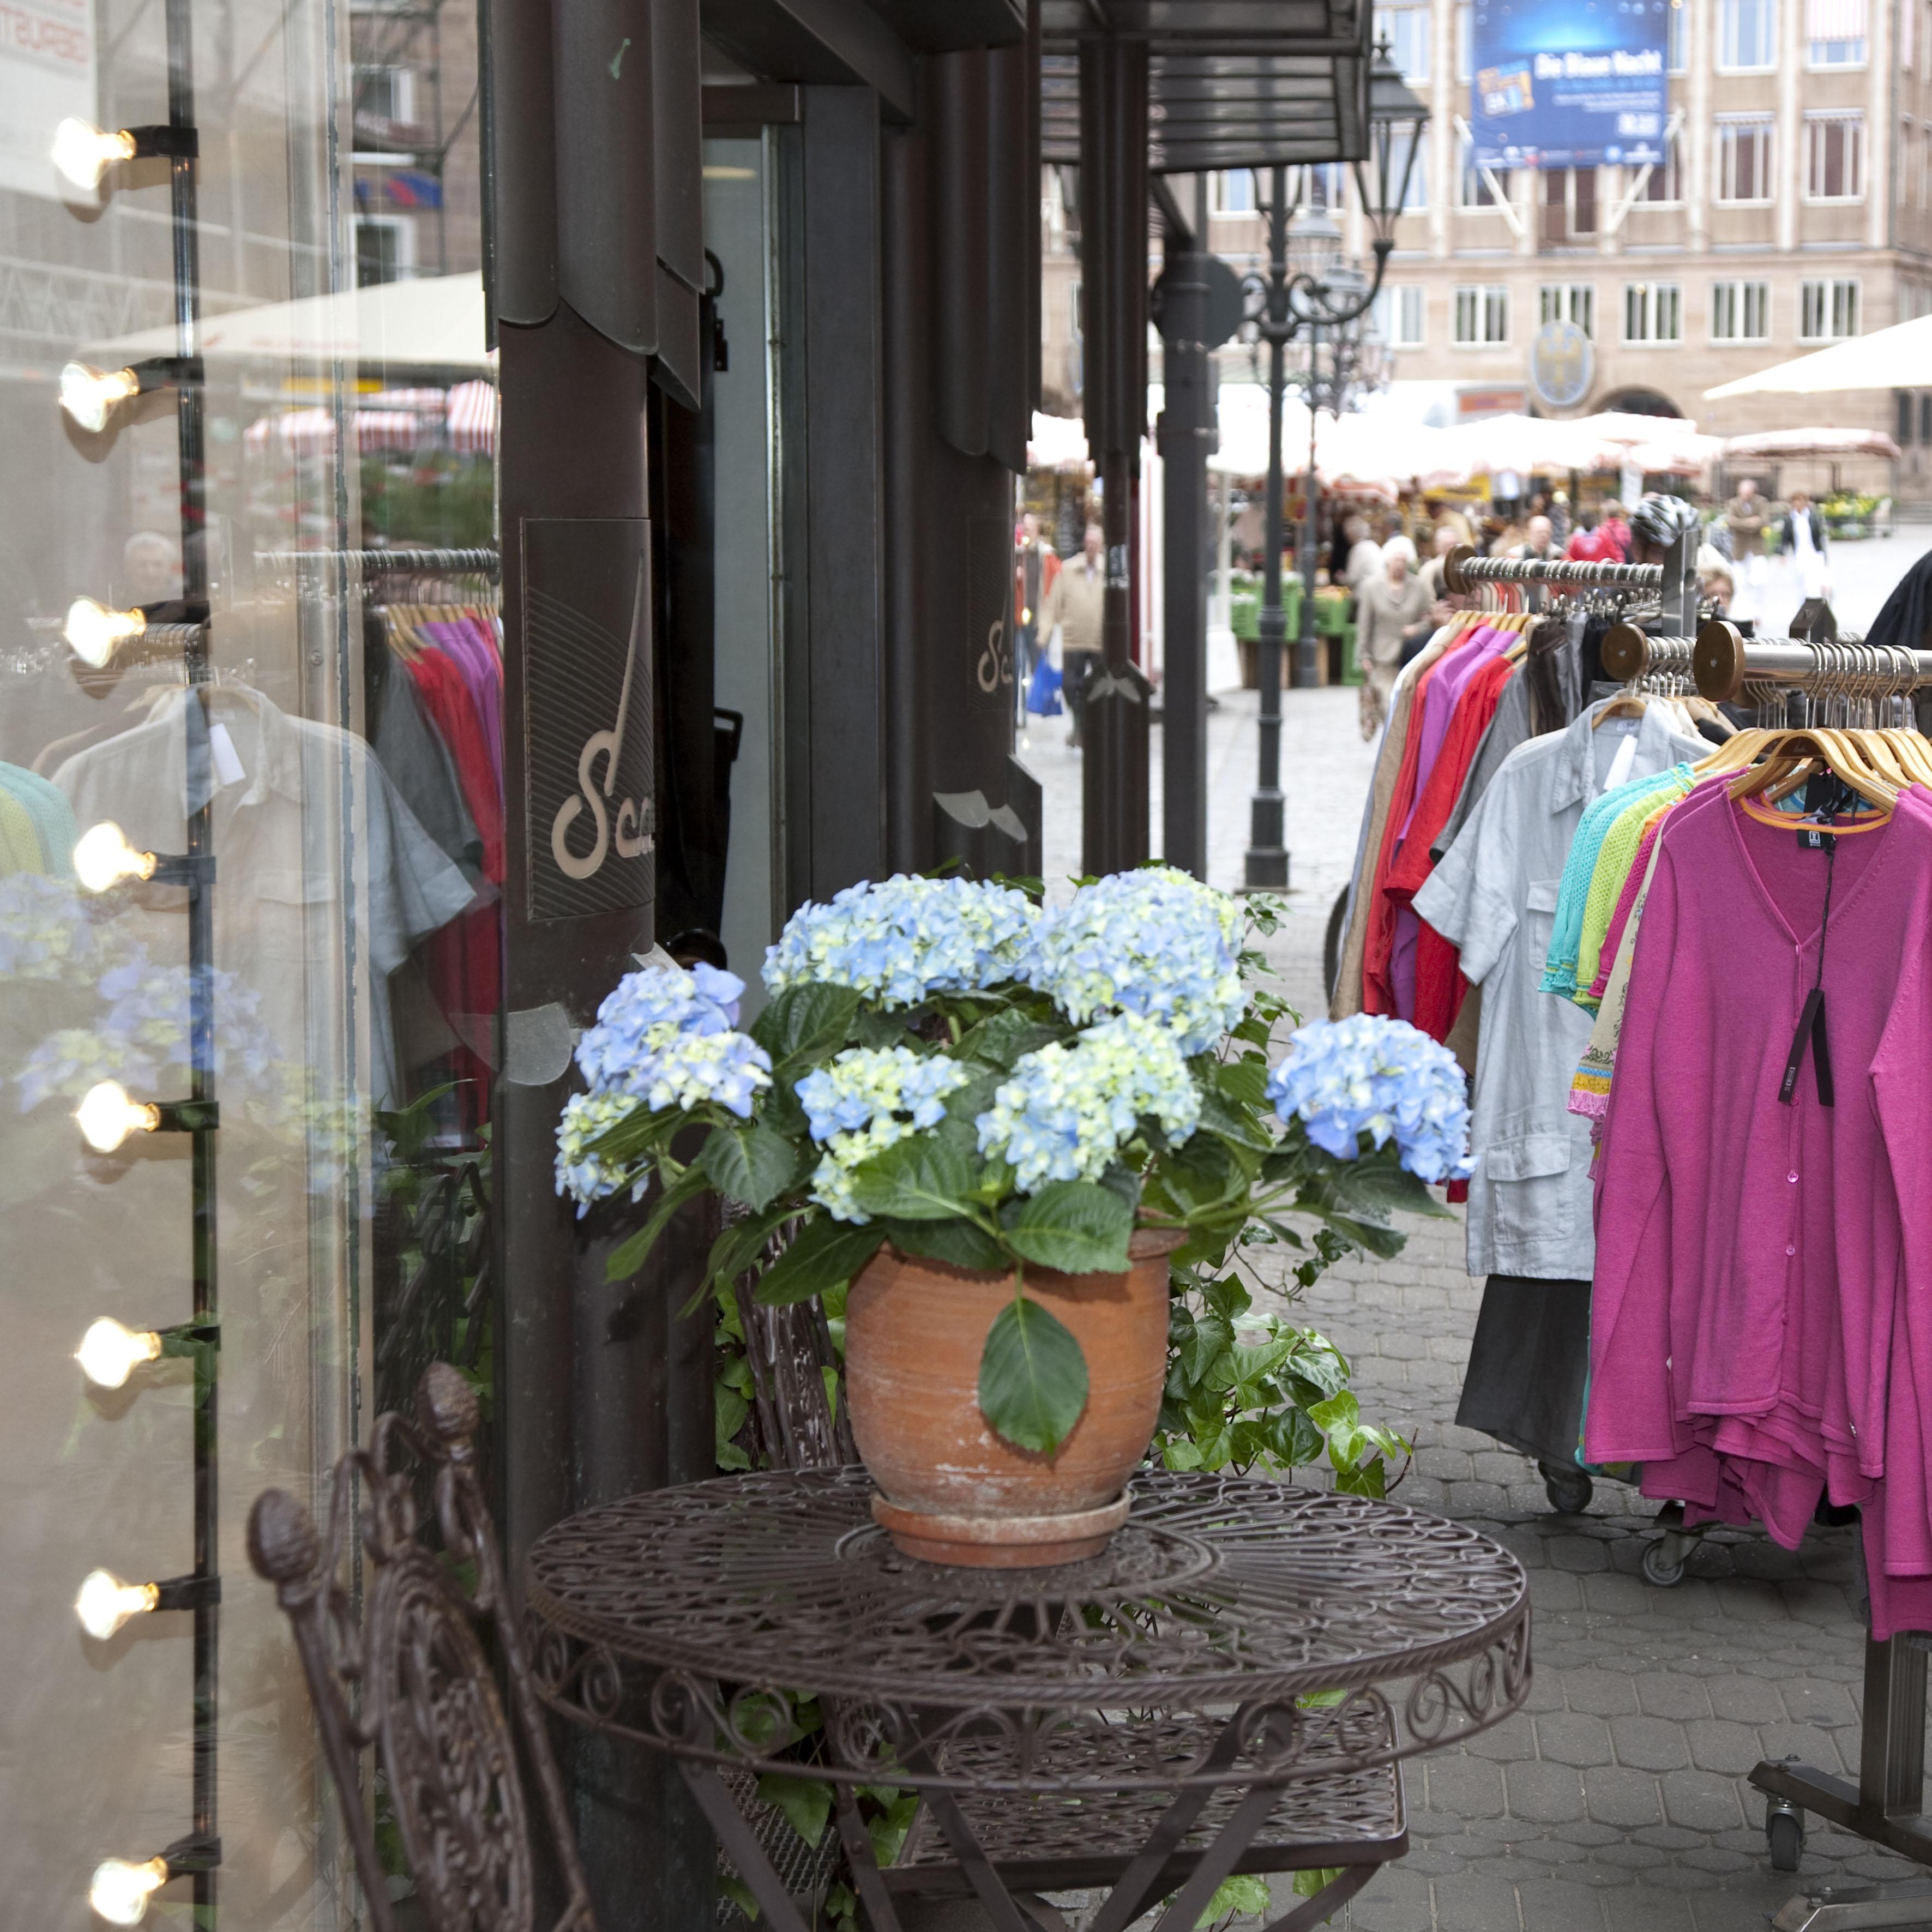 Shoppen macht in Nürnberg Spaß © Birgit Fuder, Stadt Nürnberg